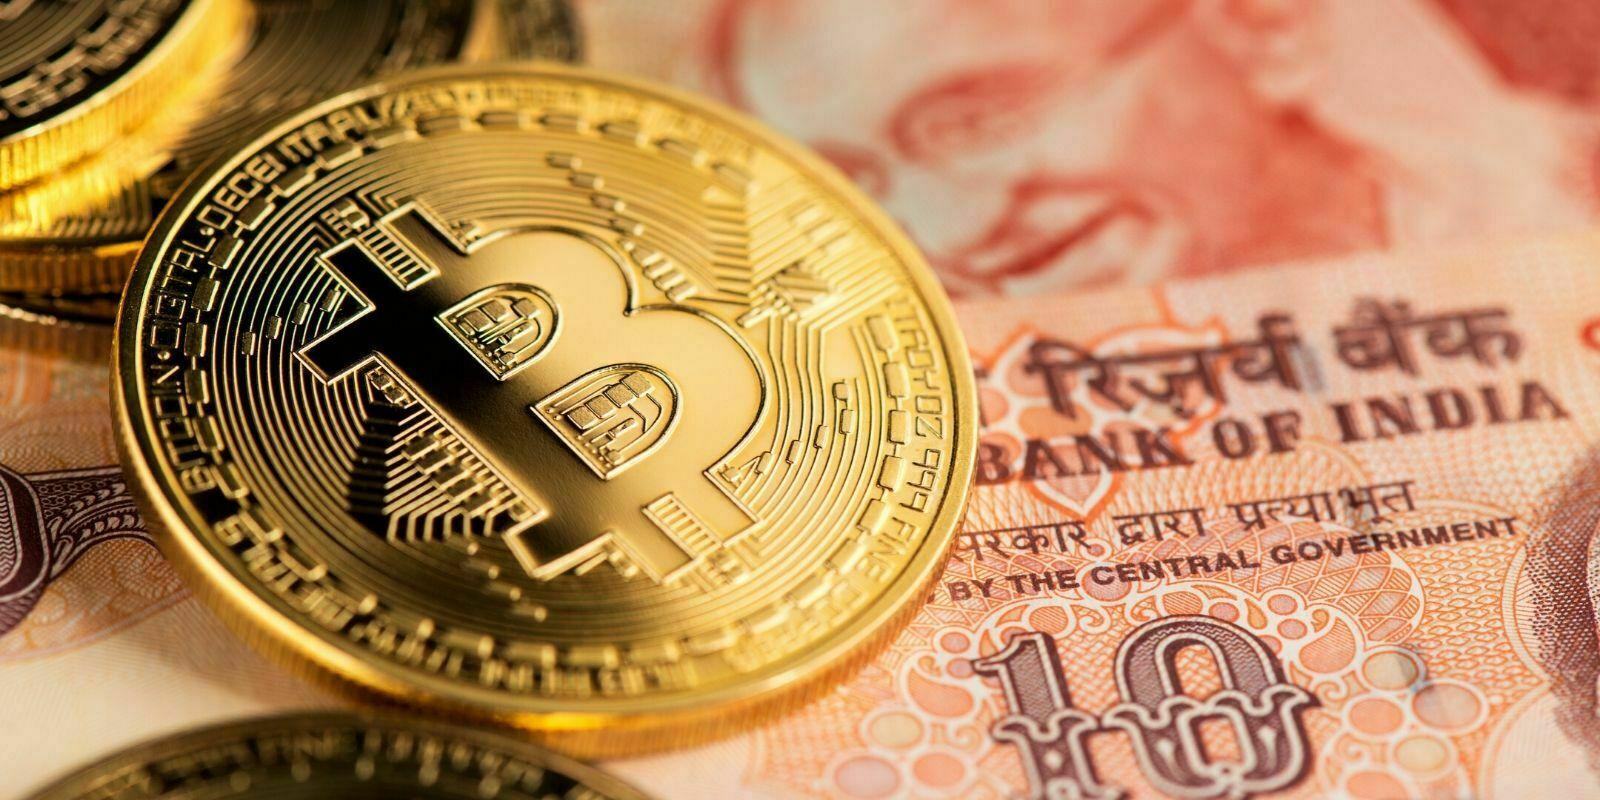 Inde : la Cour suprême annule les restrictions imposées aux cryptomonnaies